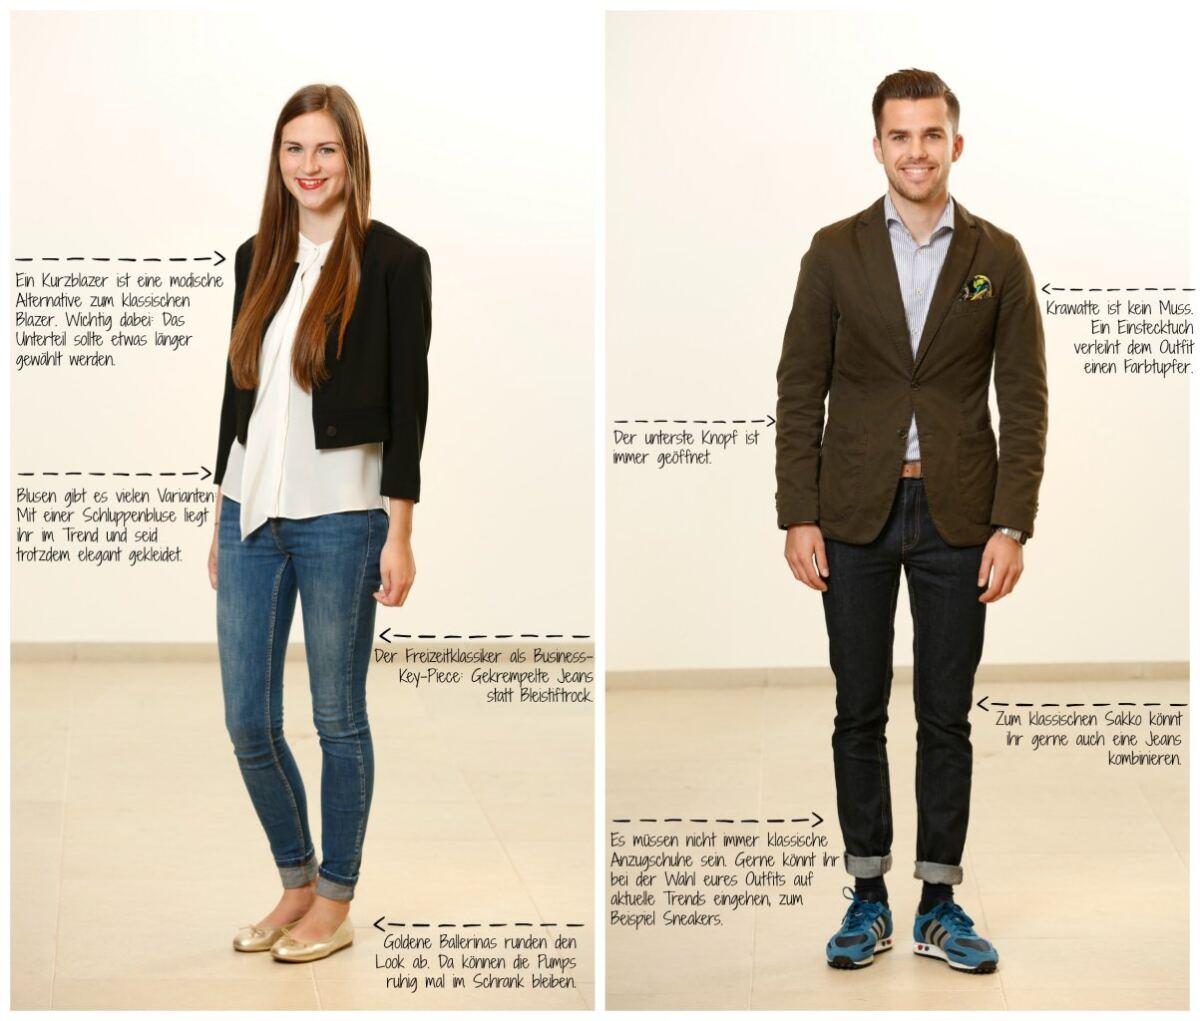 Tipps für das richtige Outfit fürs Vorstellungsgespräch Bildquelle: Peek & Cloppenburg